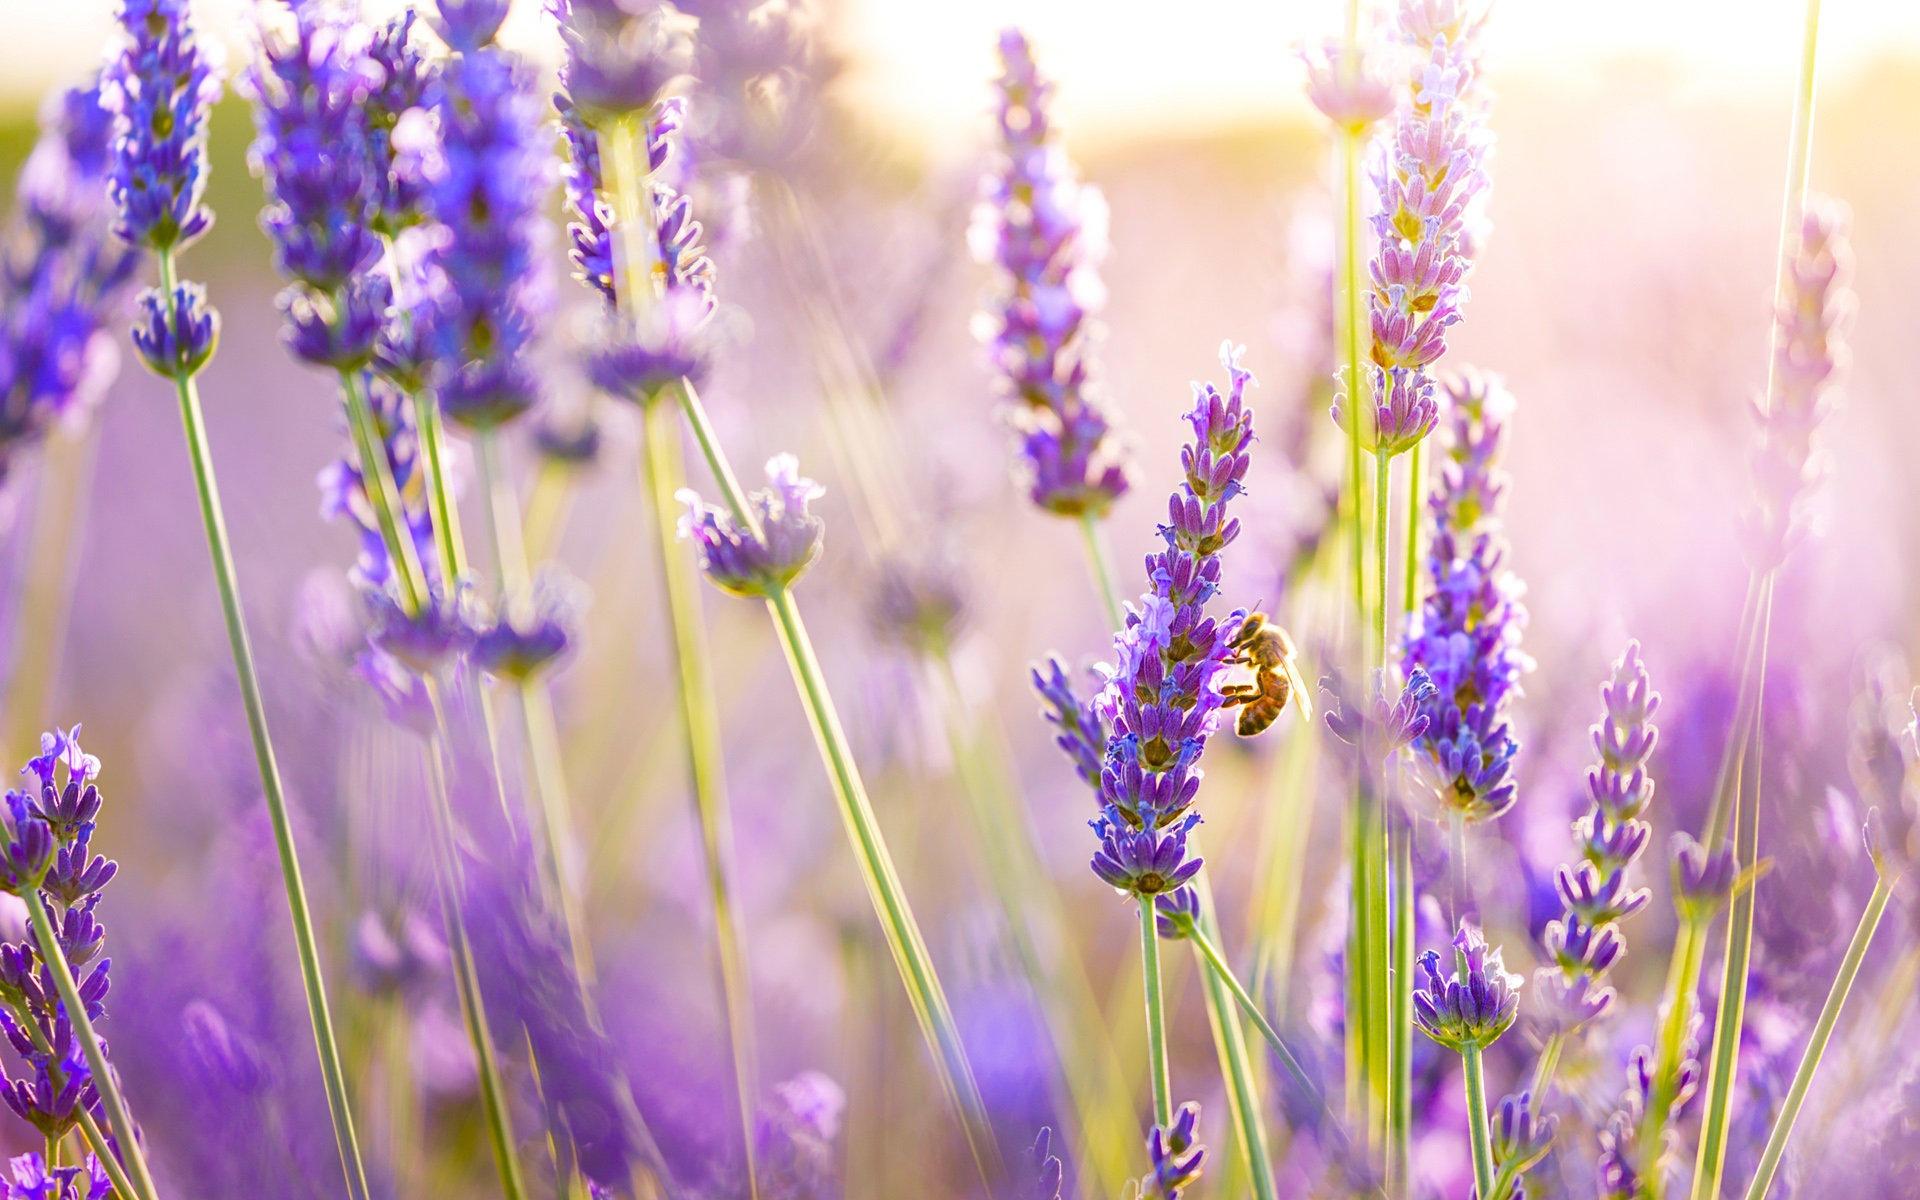 flores que gostam de sol : flores que resistem ao sol